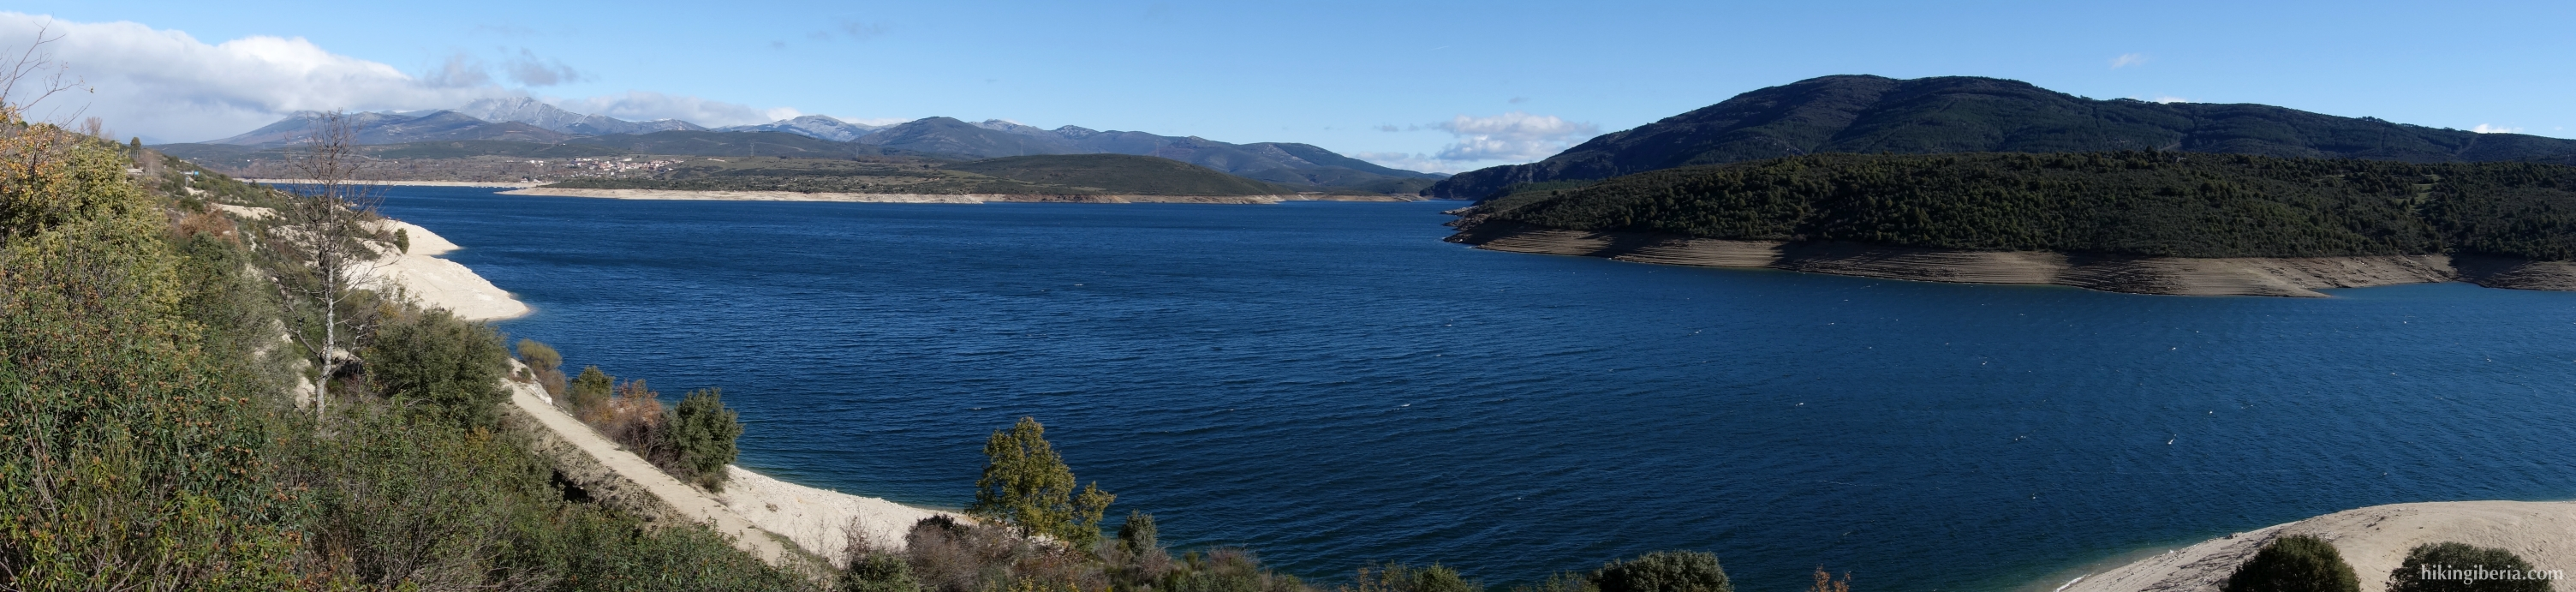 Stuwmeer van El Atazar